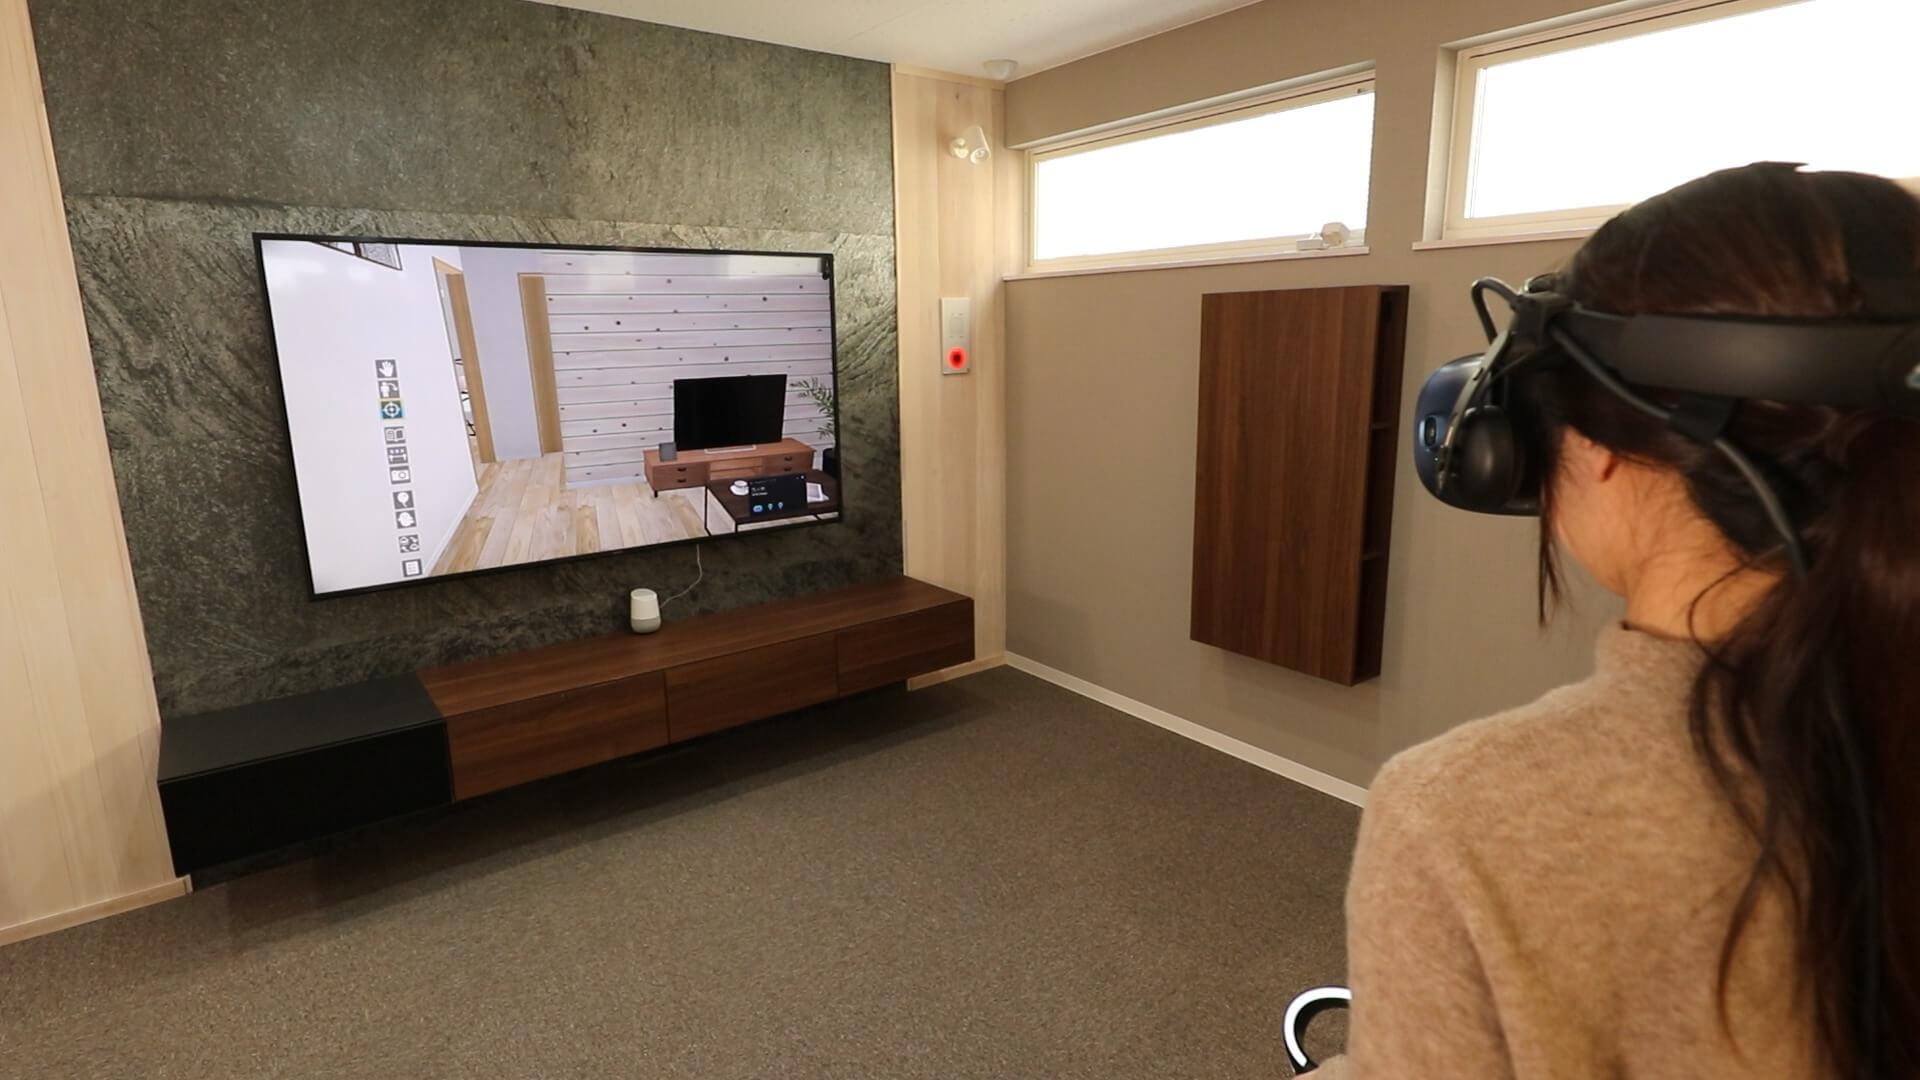 VR(バーチャルリアルモデルハウス)の体験について